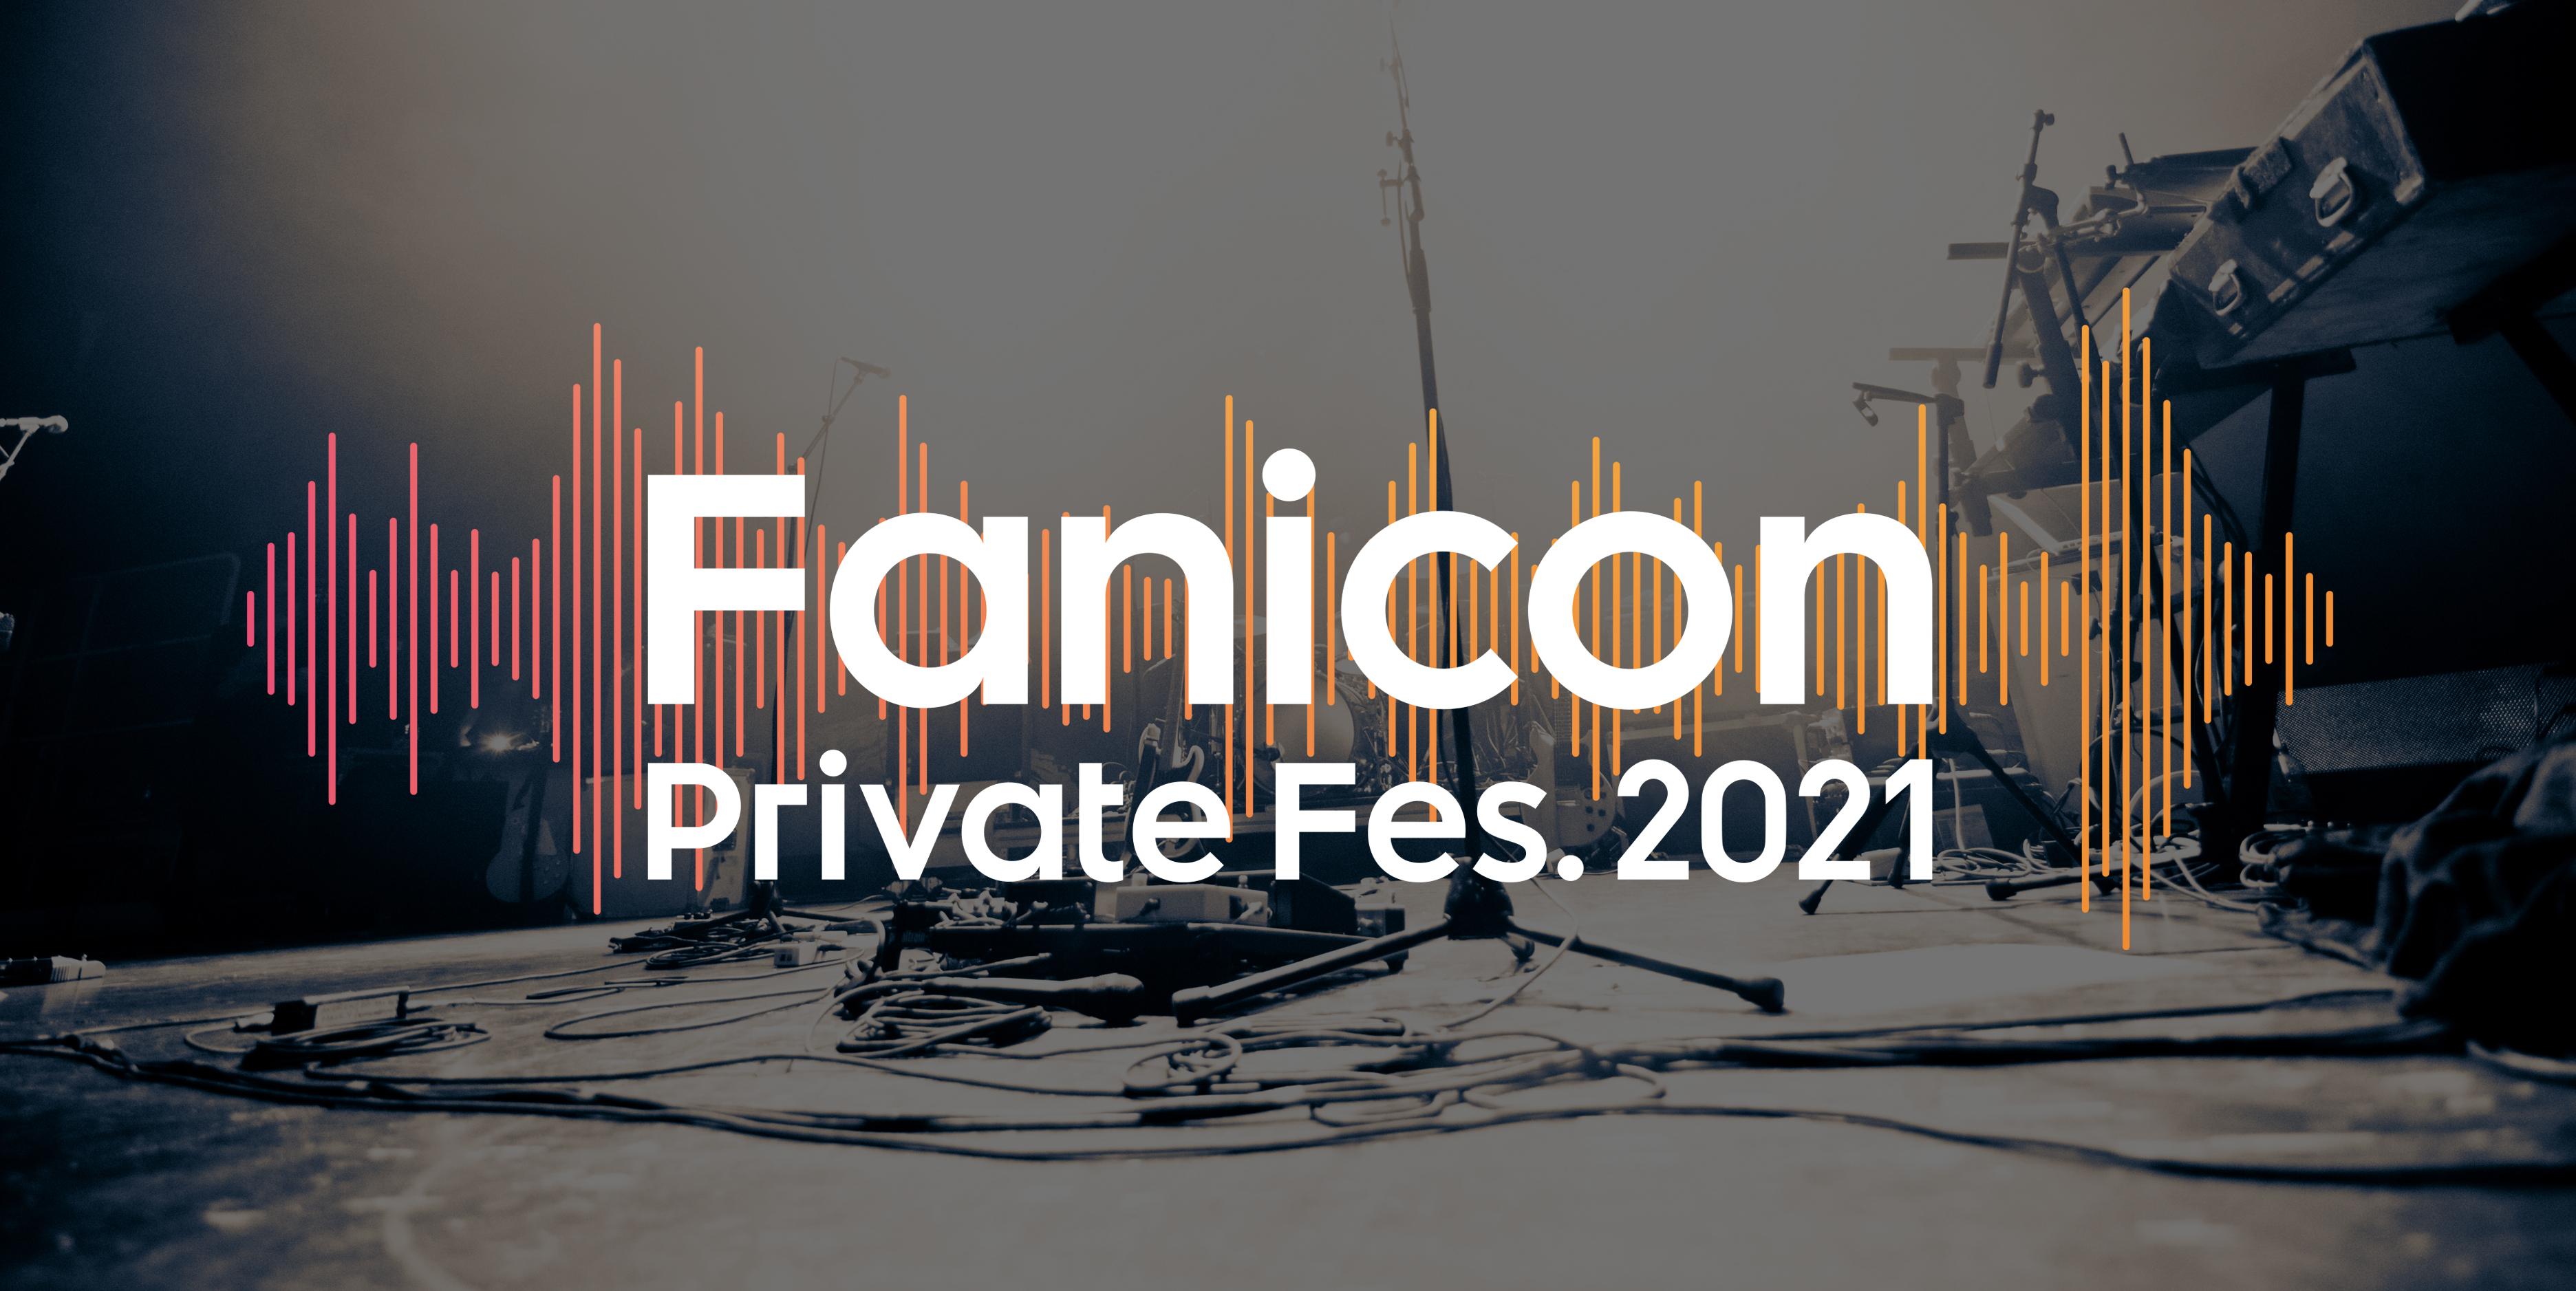 メディア掲載:エキサイトニュースにてFanicon private Fes.2021のライブレポが掲載されました